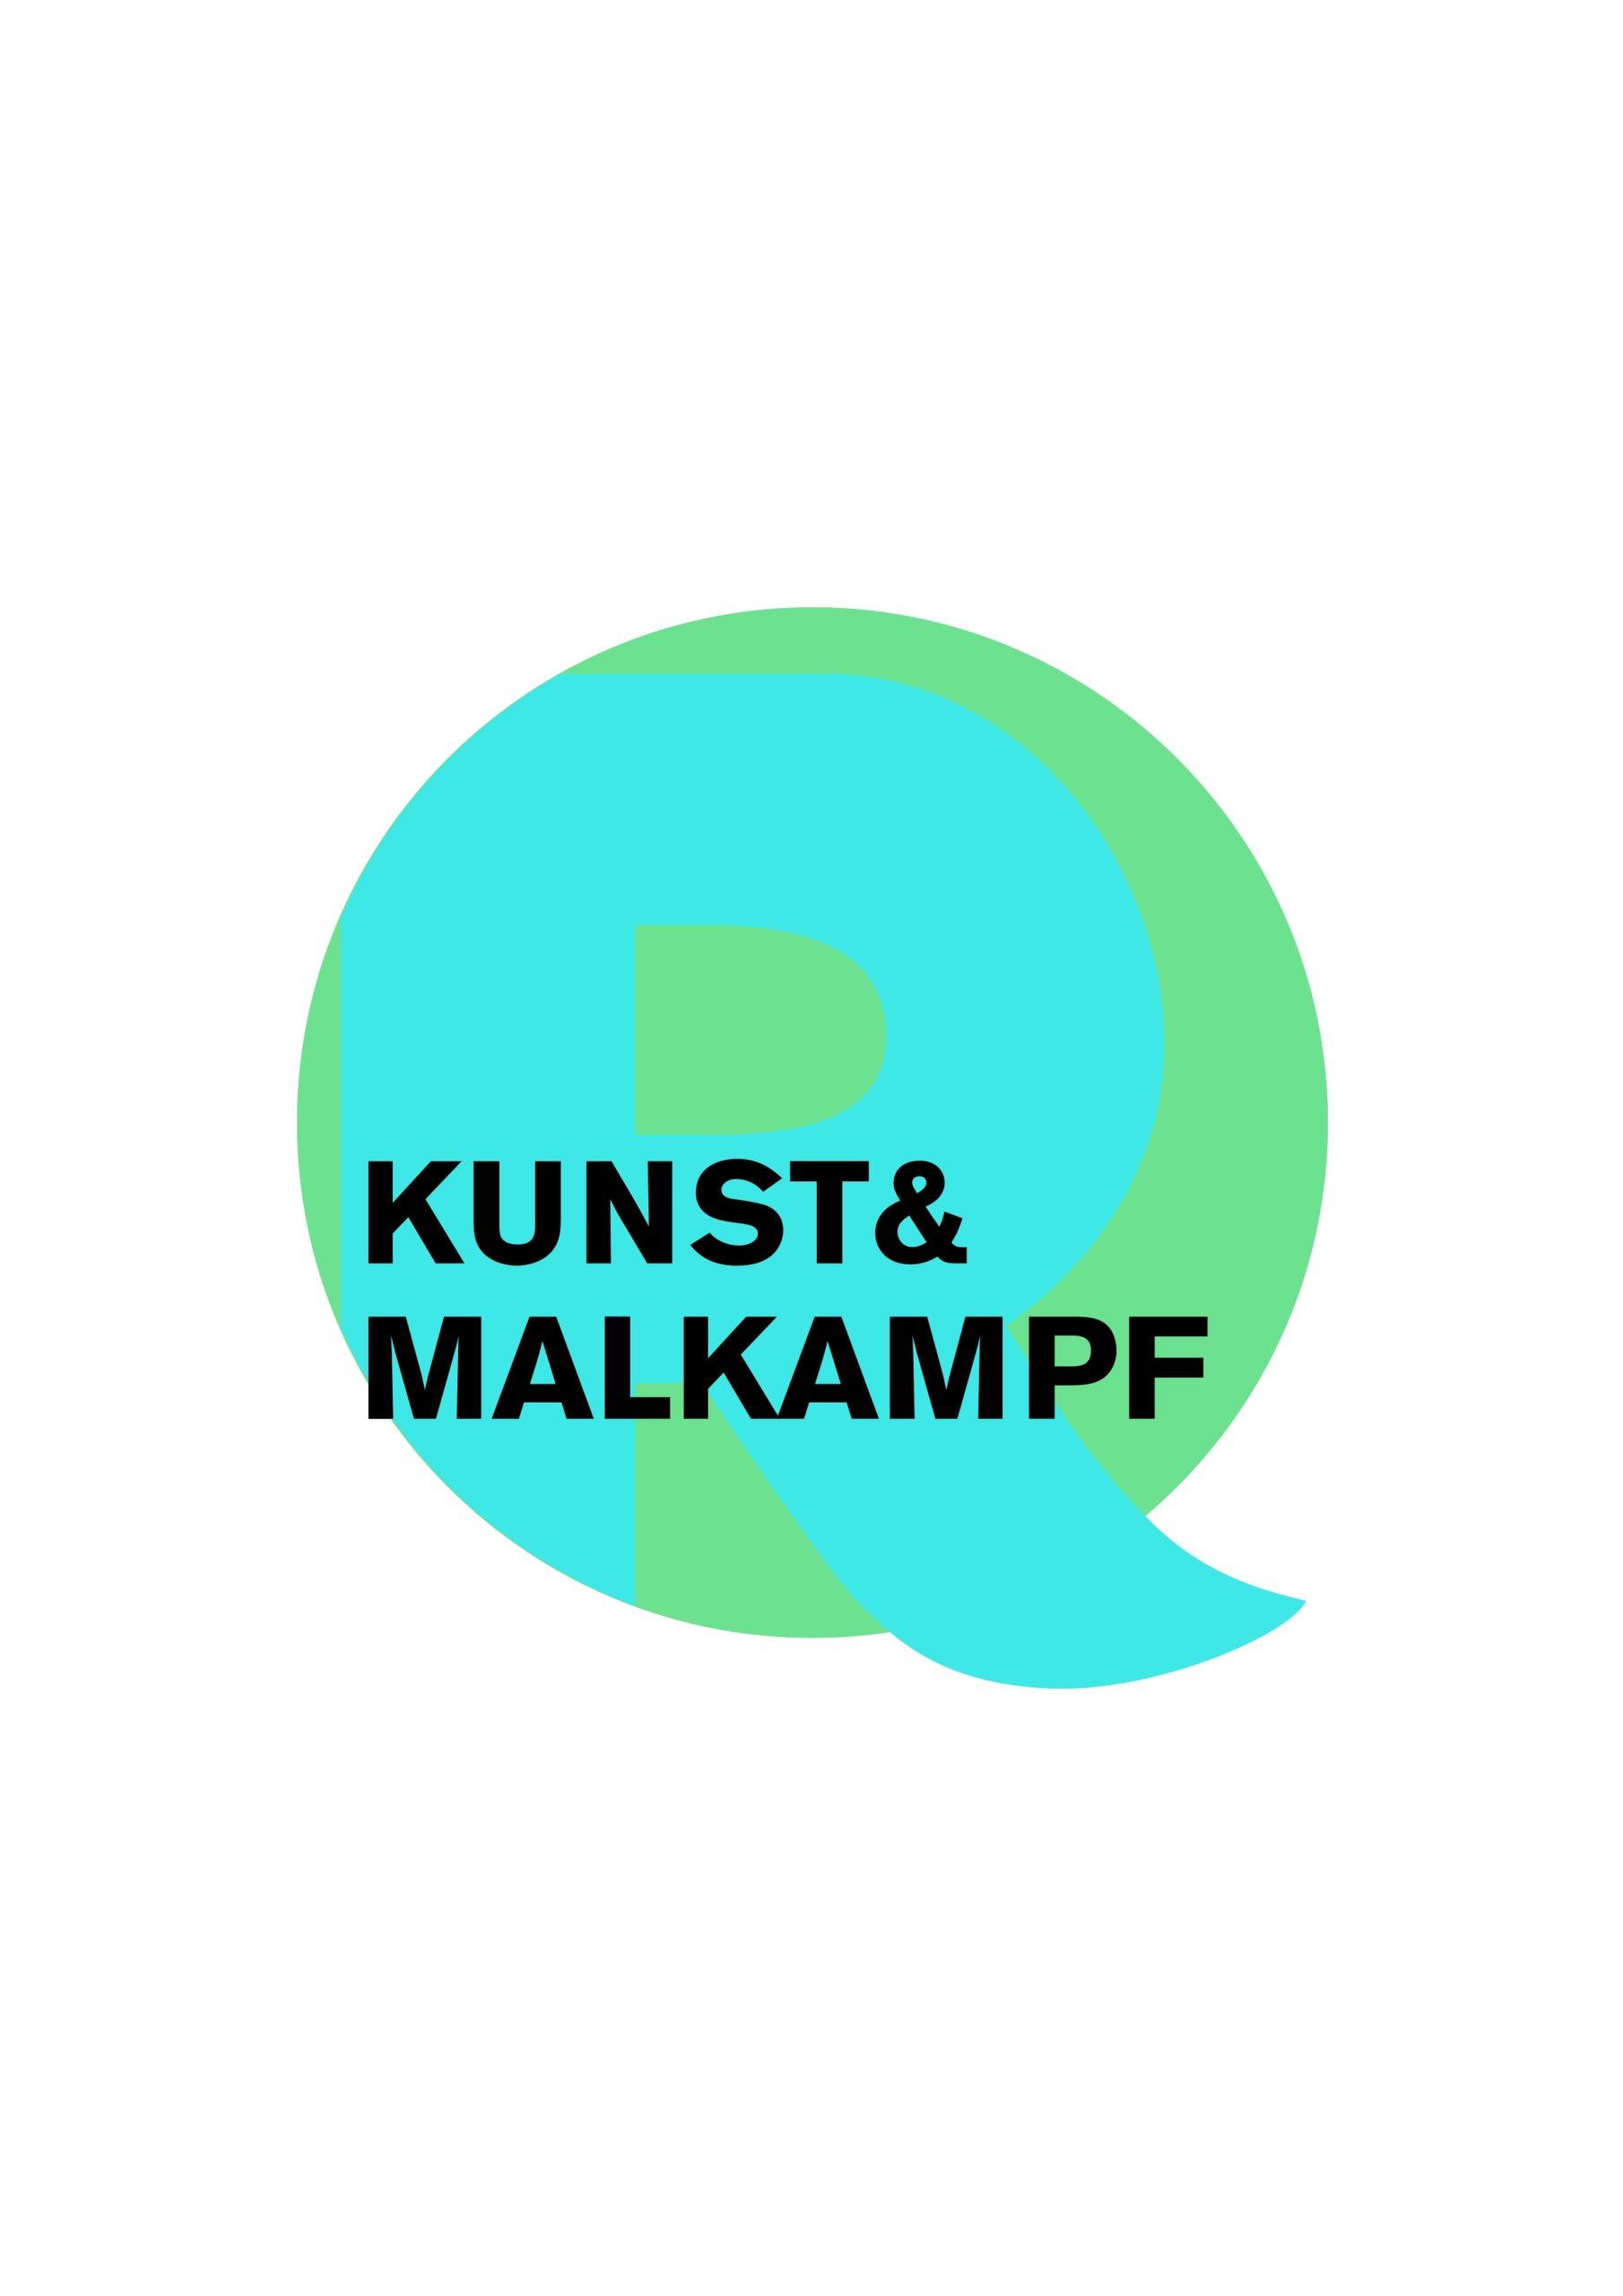 Malkampf